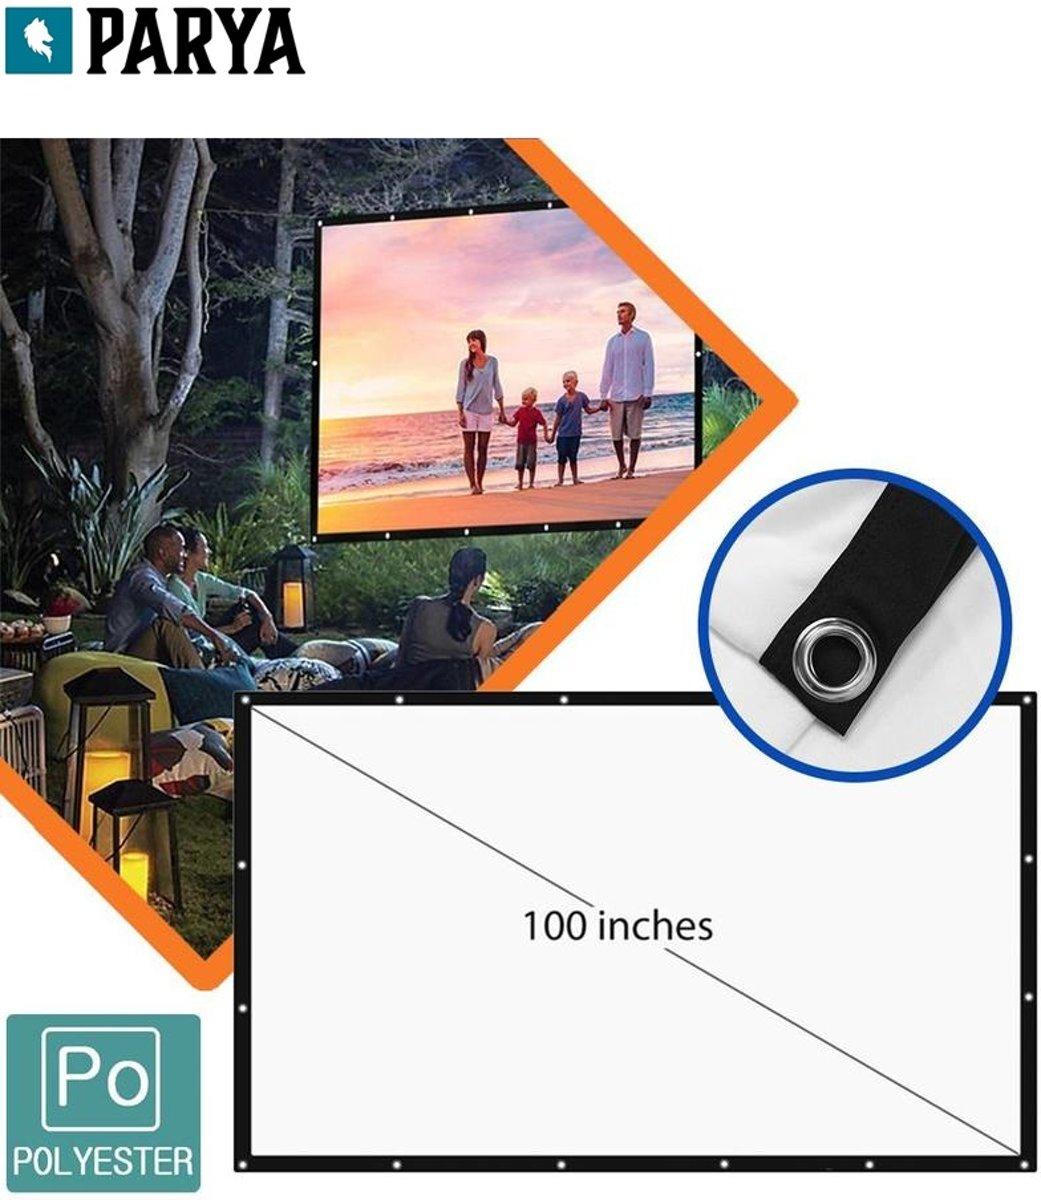 Parya projectiescherm 100 inch kopen